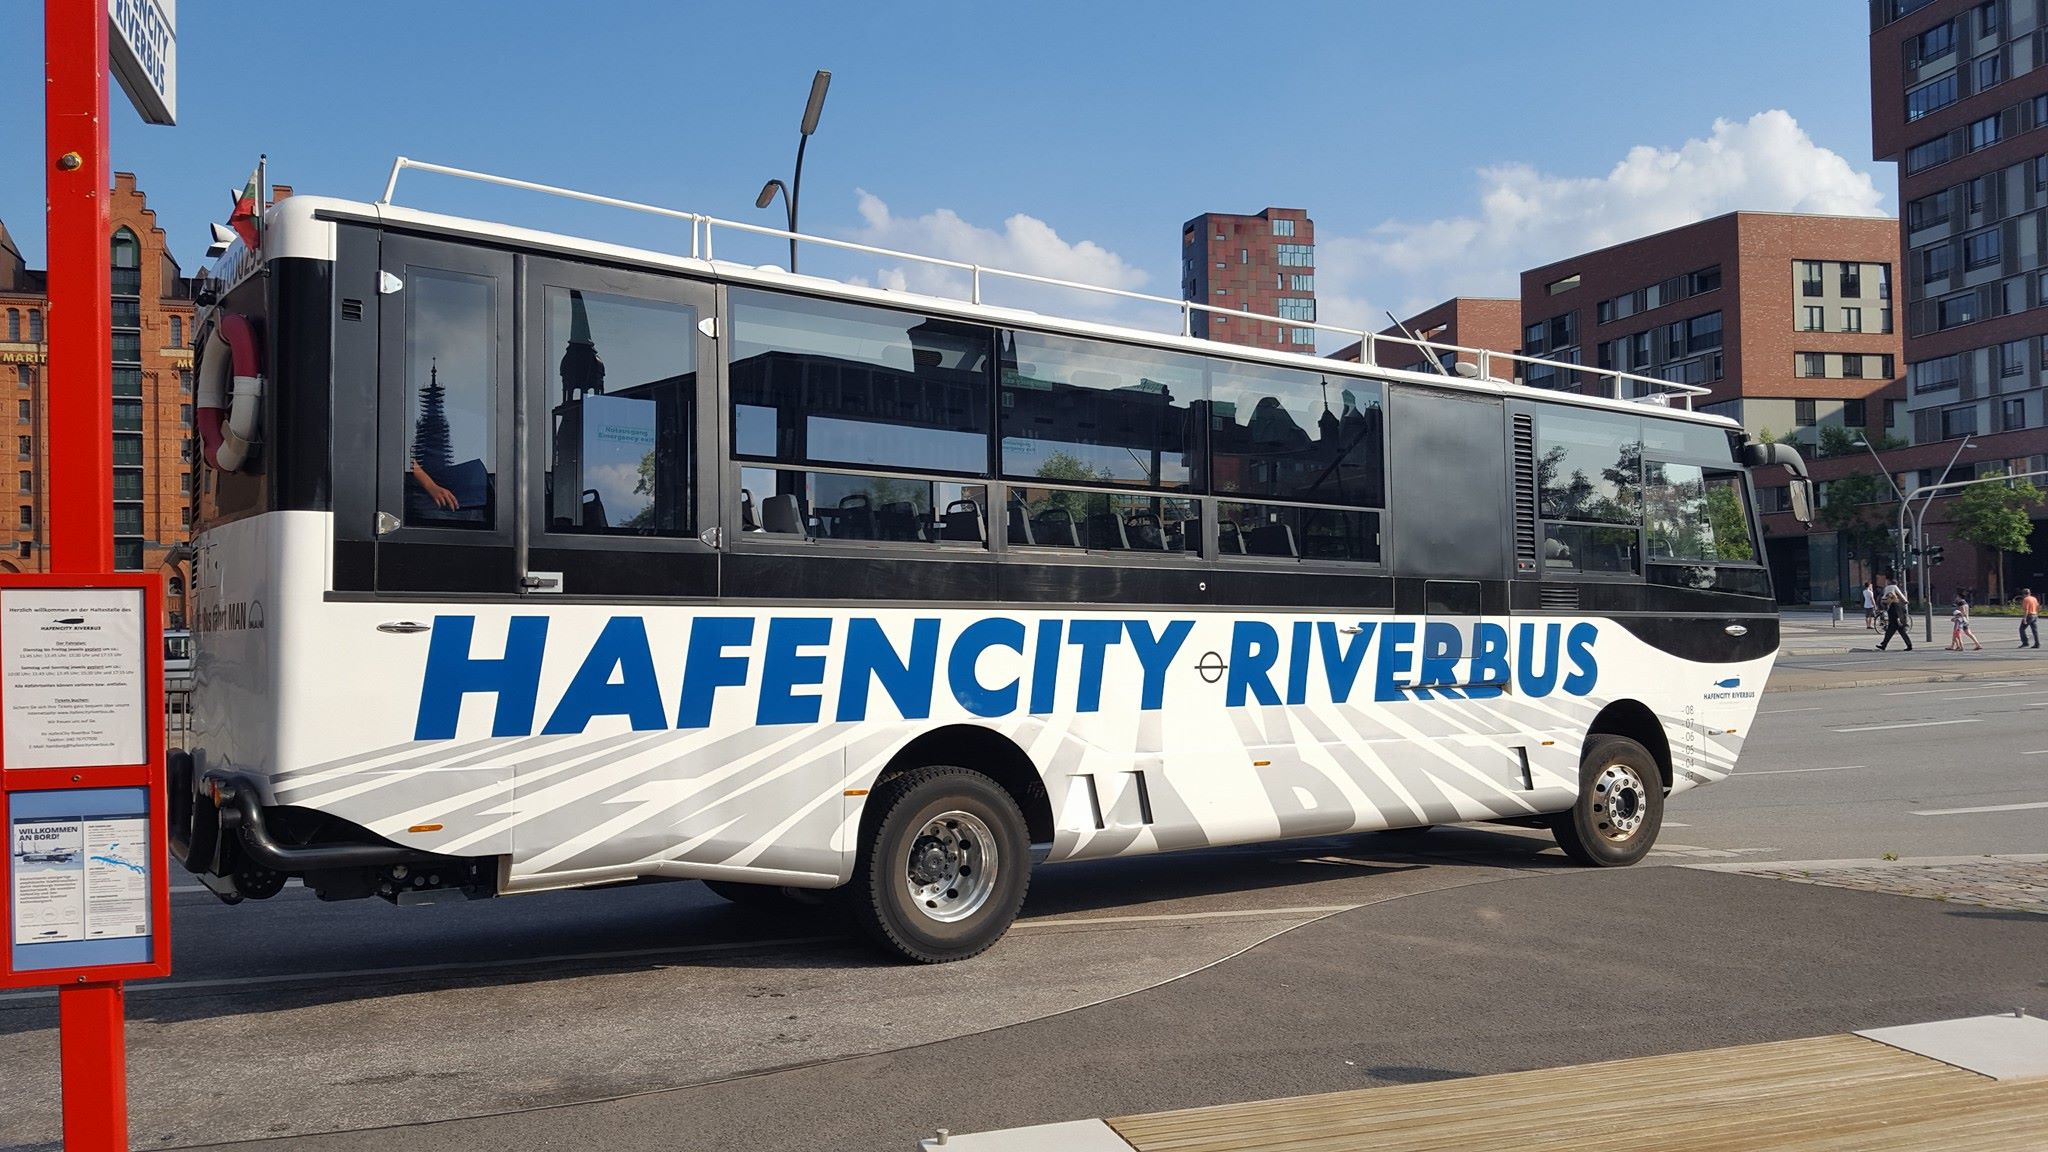 hafencity riverbus 3 crazy station. Black Bedroom Furniture Sets. Home Design Ideas